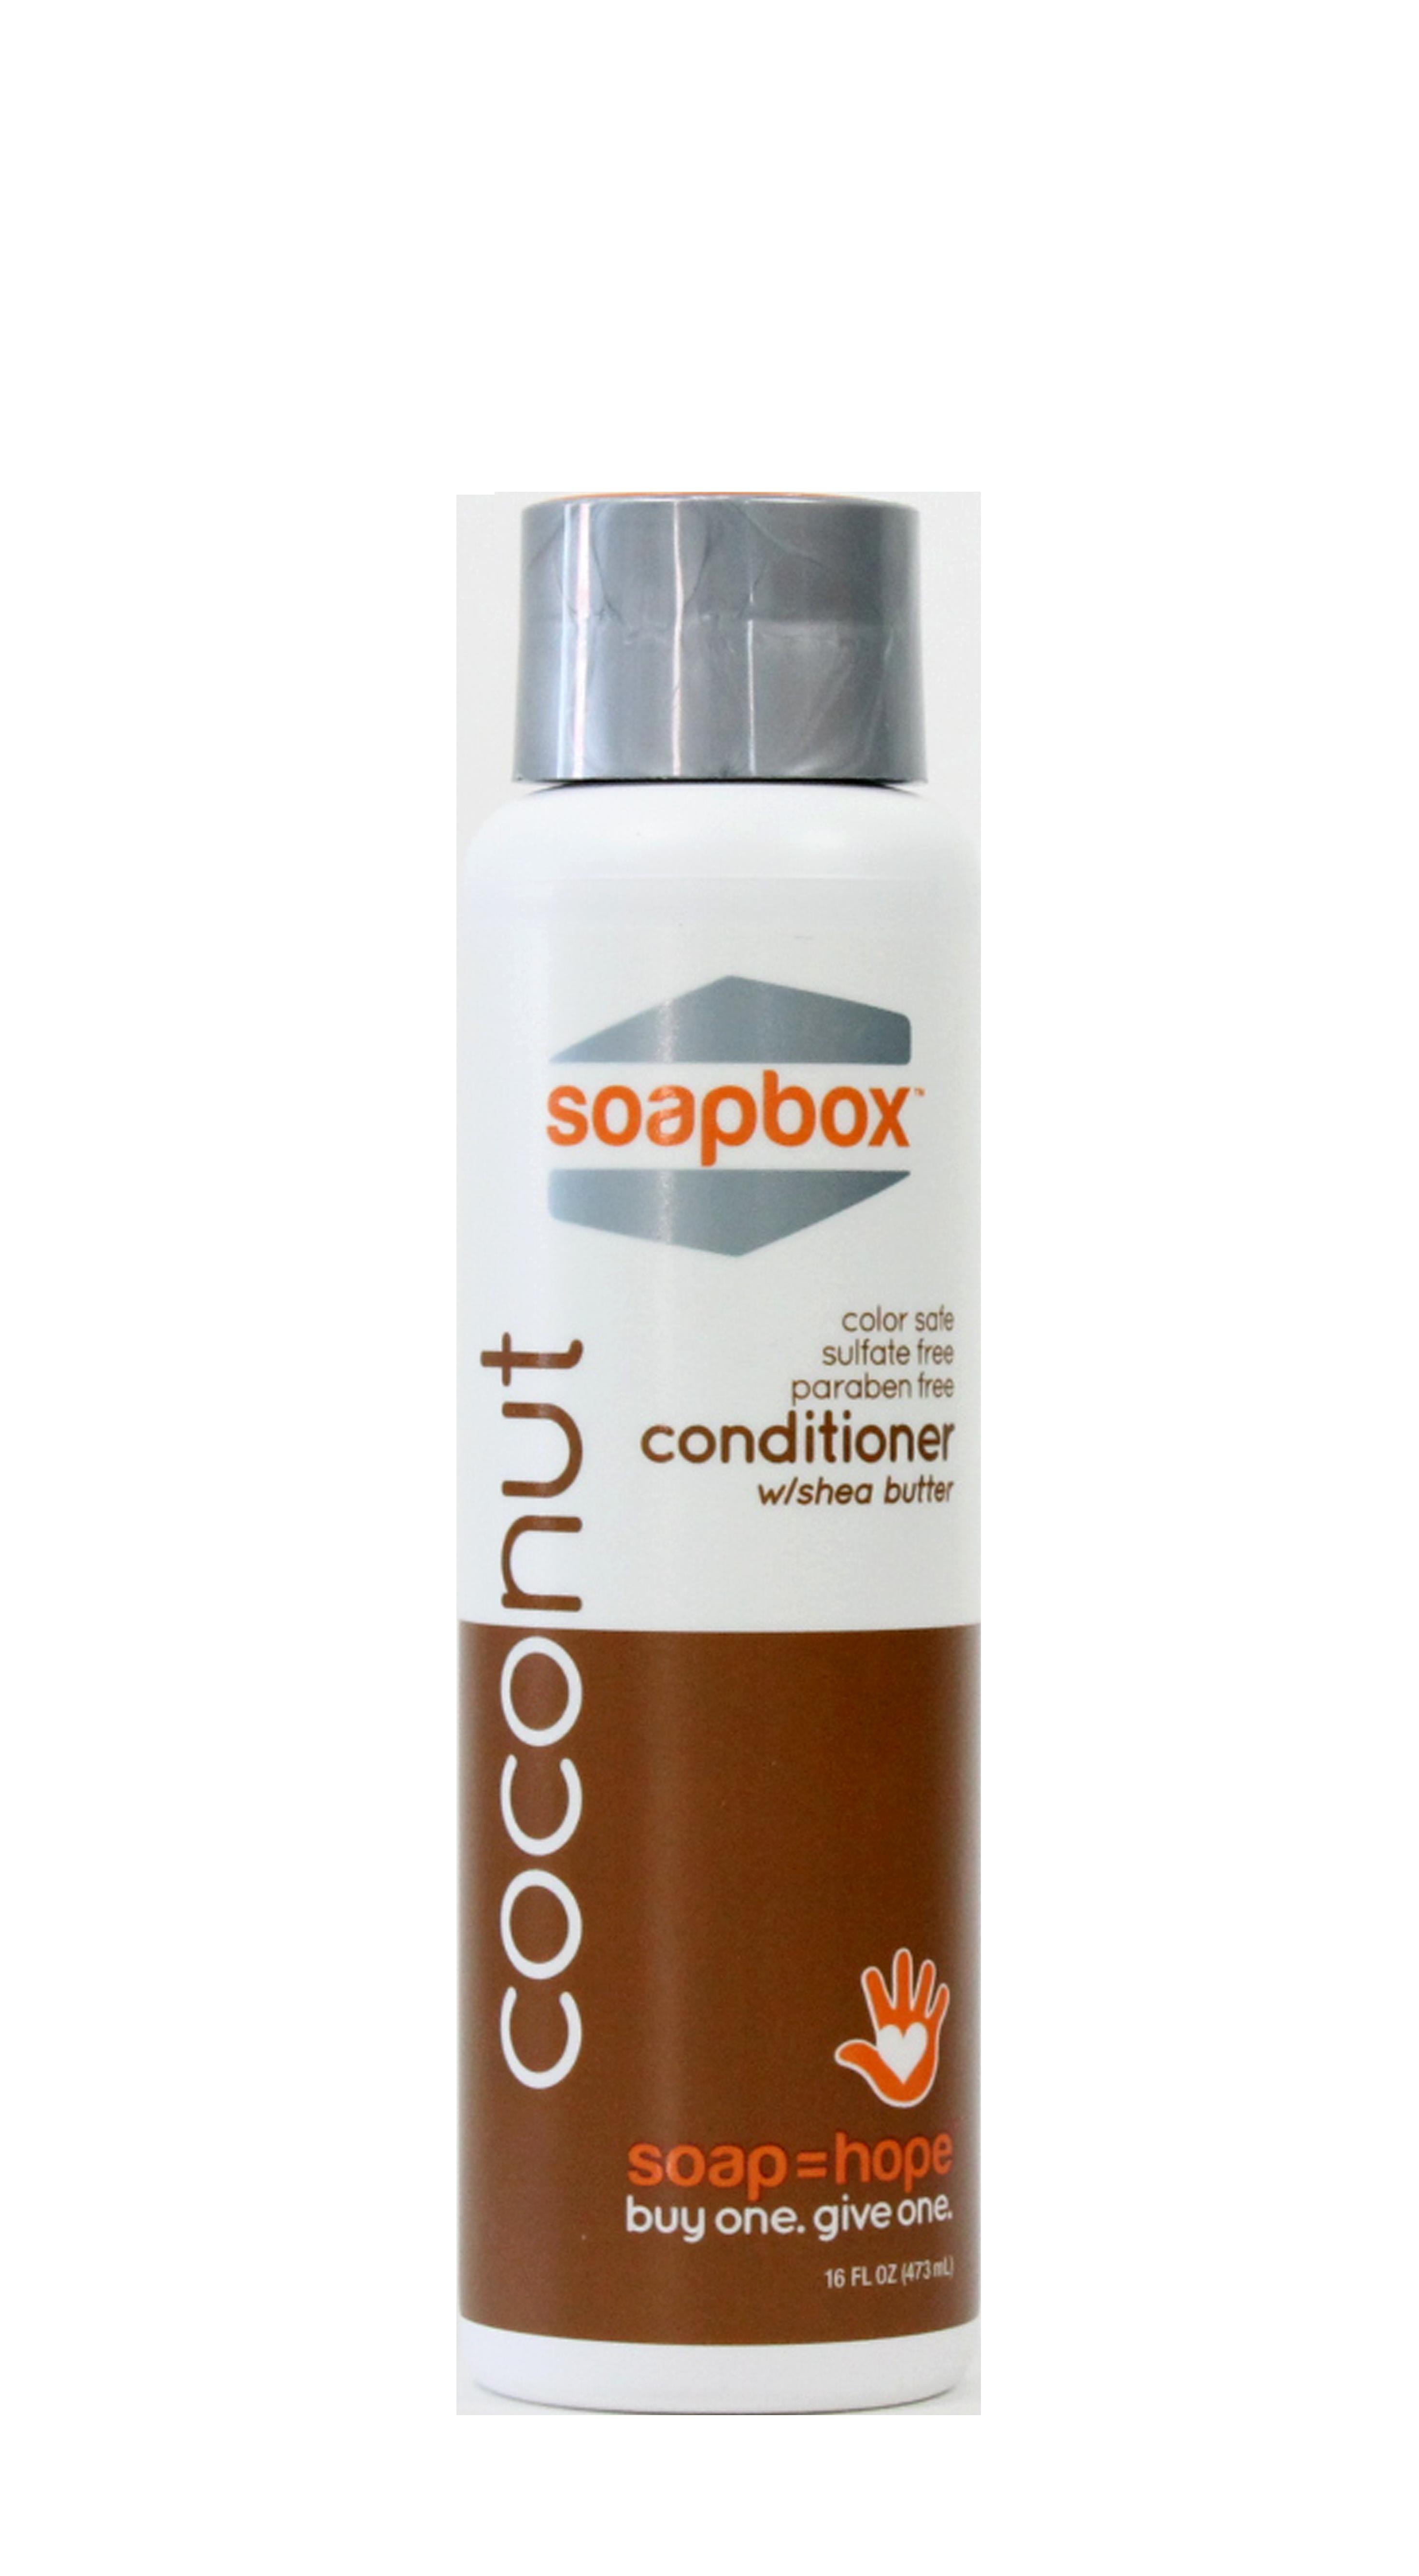 SoapBox™ 16 oz. Conditioner - Coconut Oil